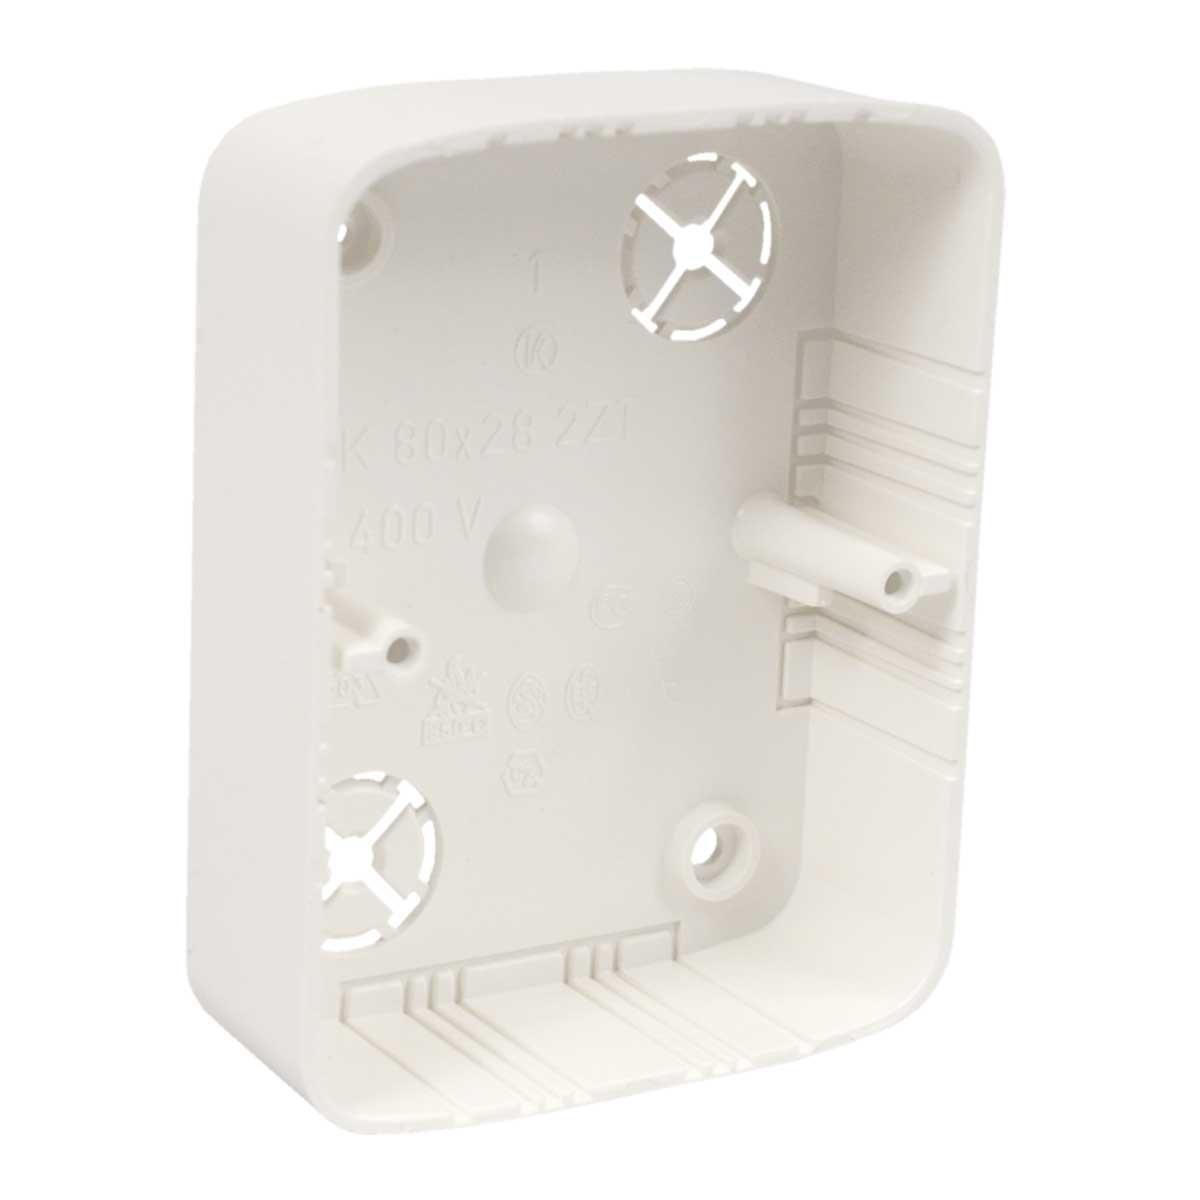 Коробка приладова подвійна (бук) ПВХ; розміри 105х80,5х28мм